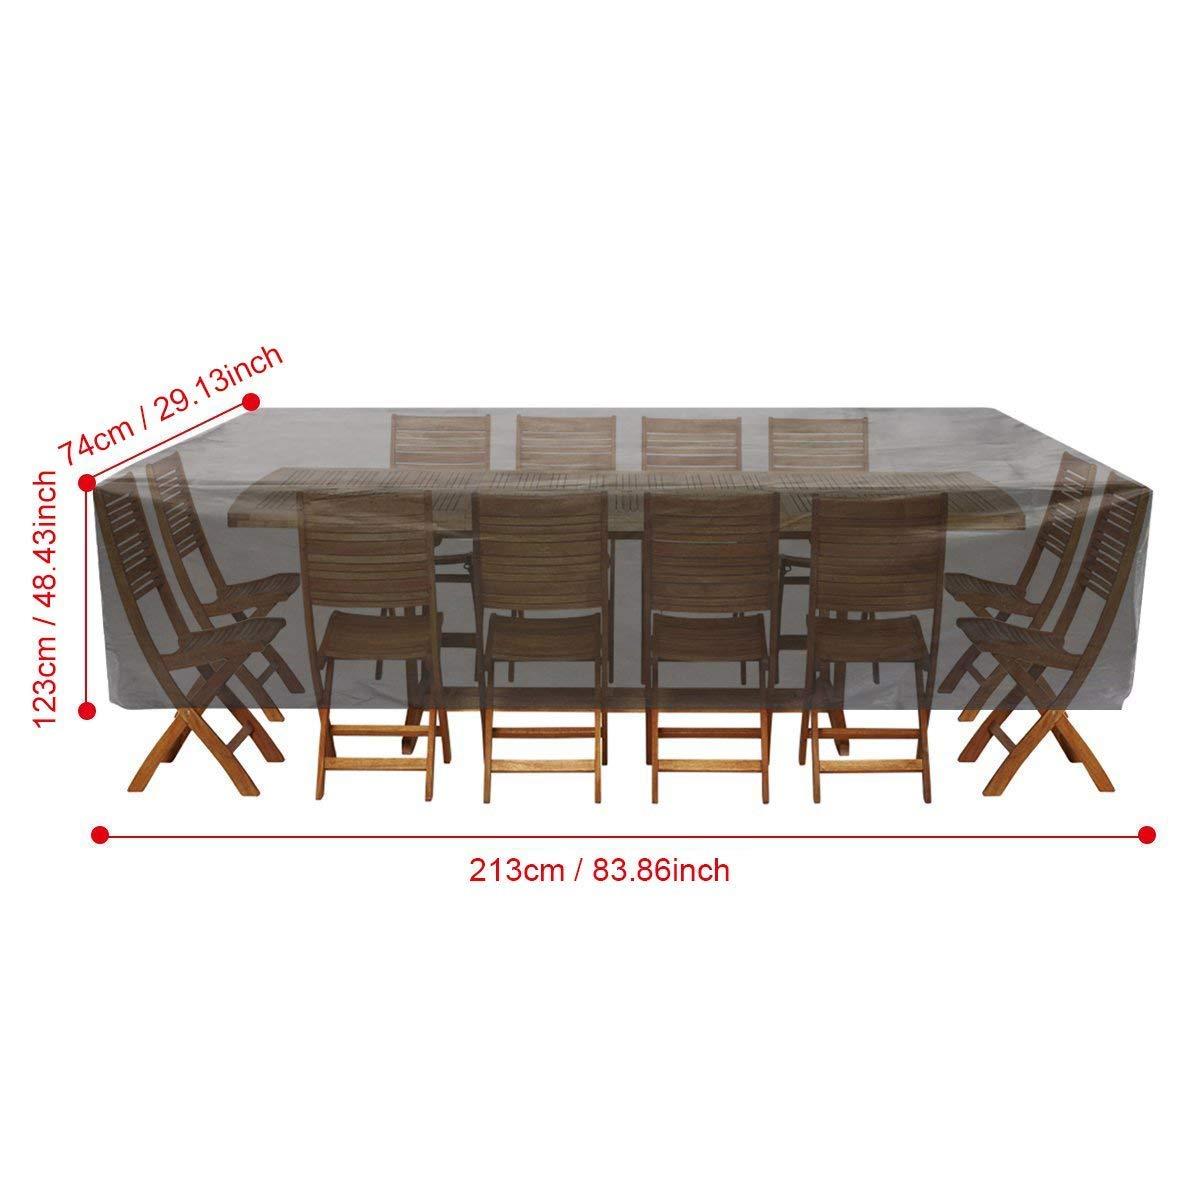 Gartenmöbel Abdeckhauben Sofa, Essort 123 X 123 X 74cm Schutzhülle  Furniture Terrasse Abdeckung, Wasserdicht, Premium Waterproof ...